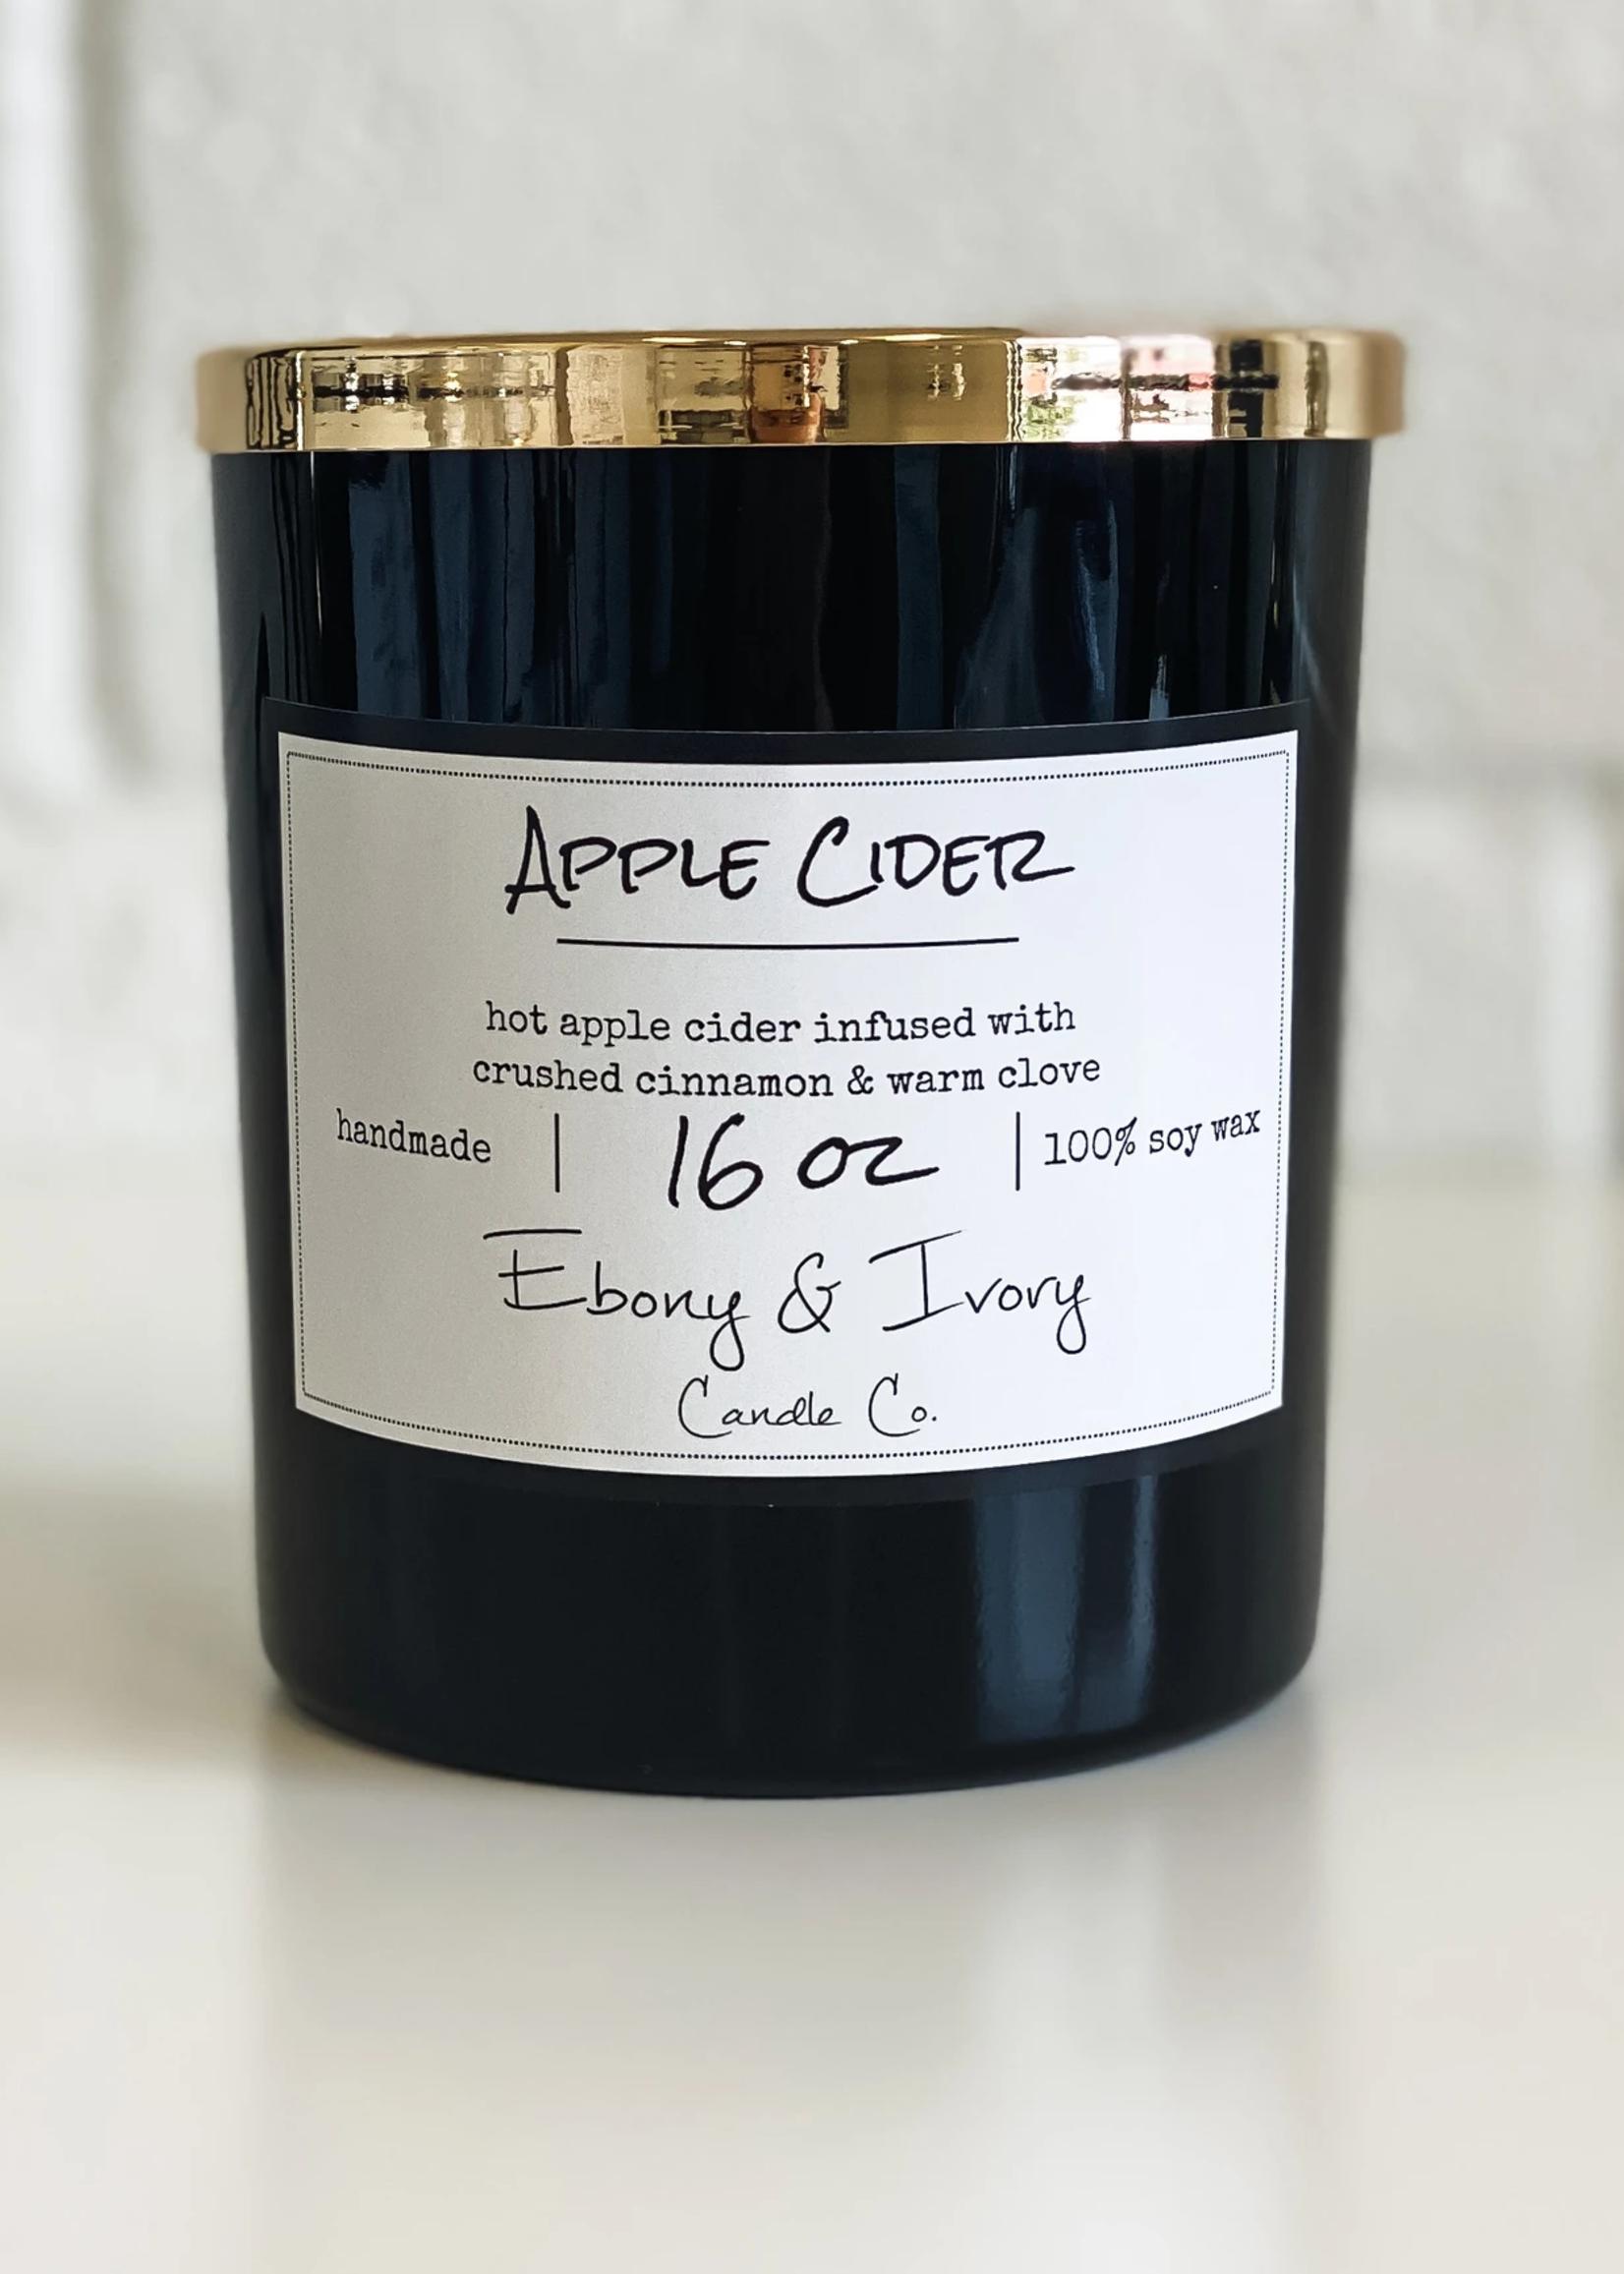 Ebony & Ivory Candle Co. Apple Cider- 16oz